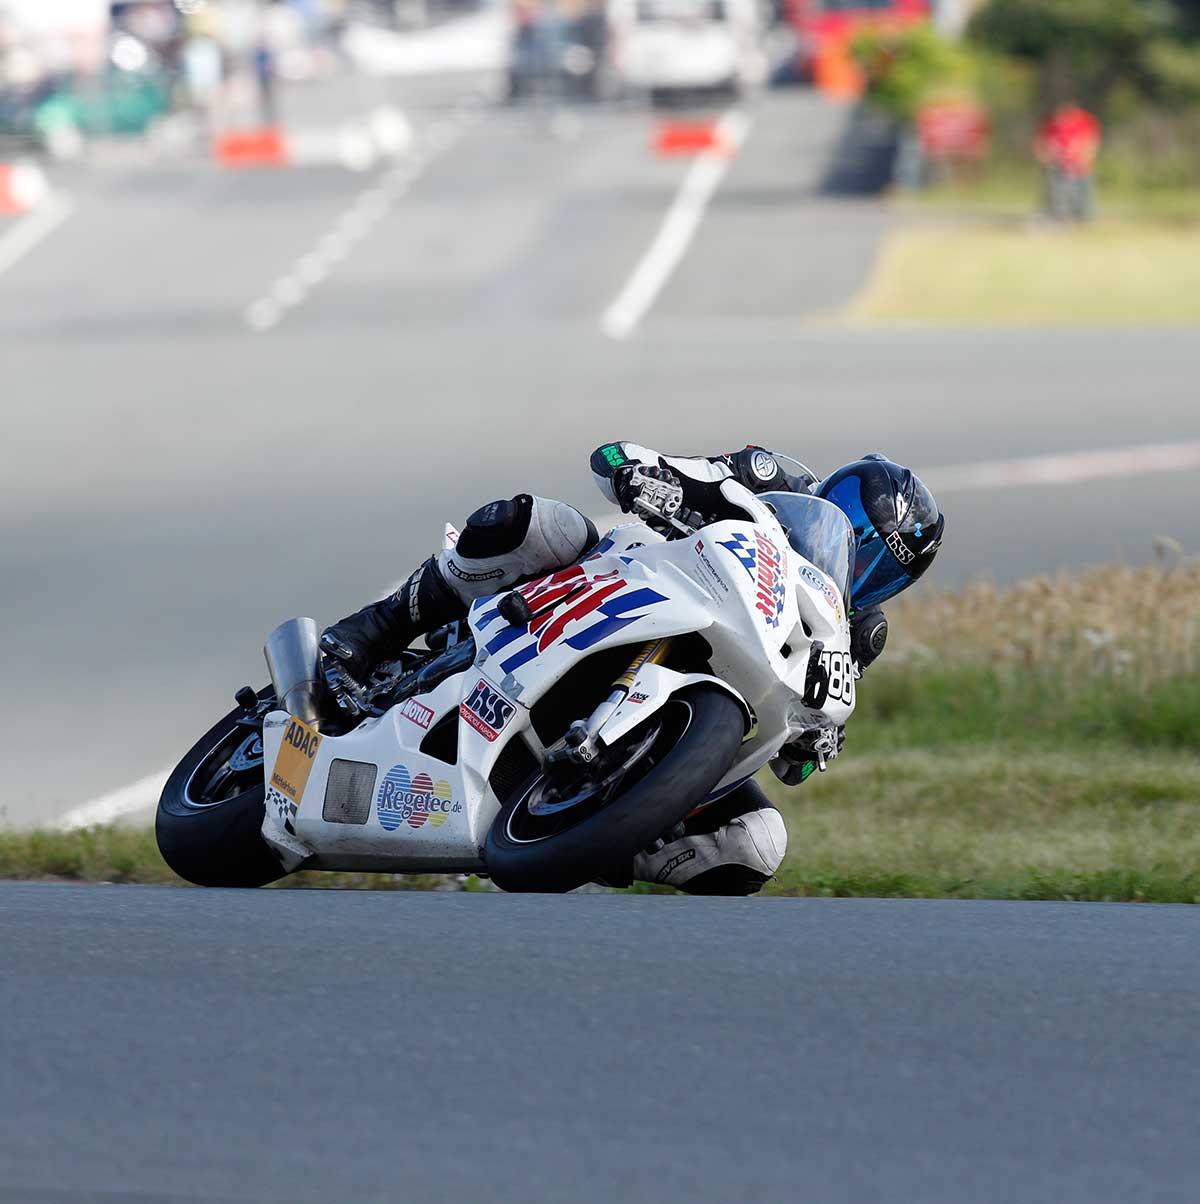 KTM Vertragshändler Motorradsport Schmitt ♥ Impressionen ♥ Land & Leute ♥ Kundinnen & Kunden ♥ Bikes & Events